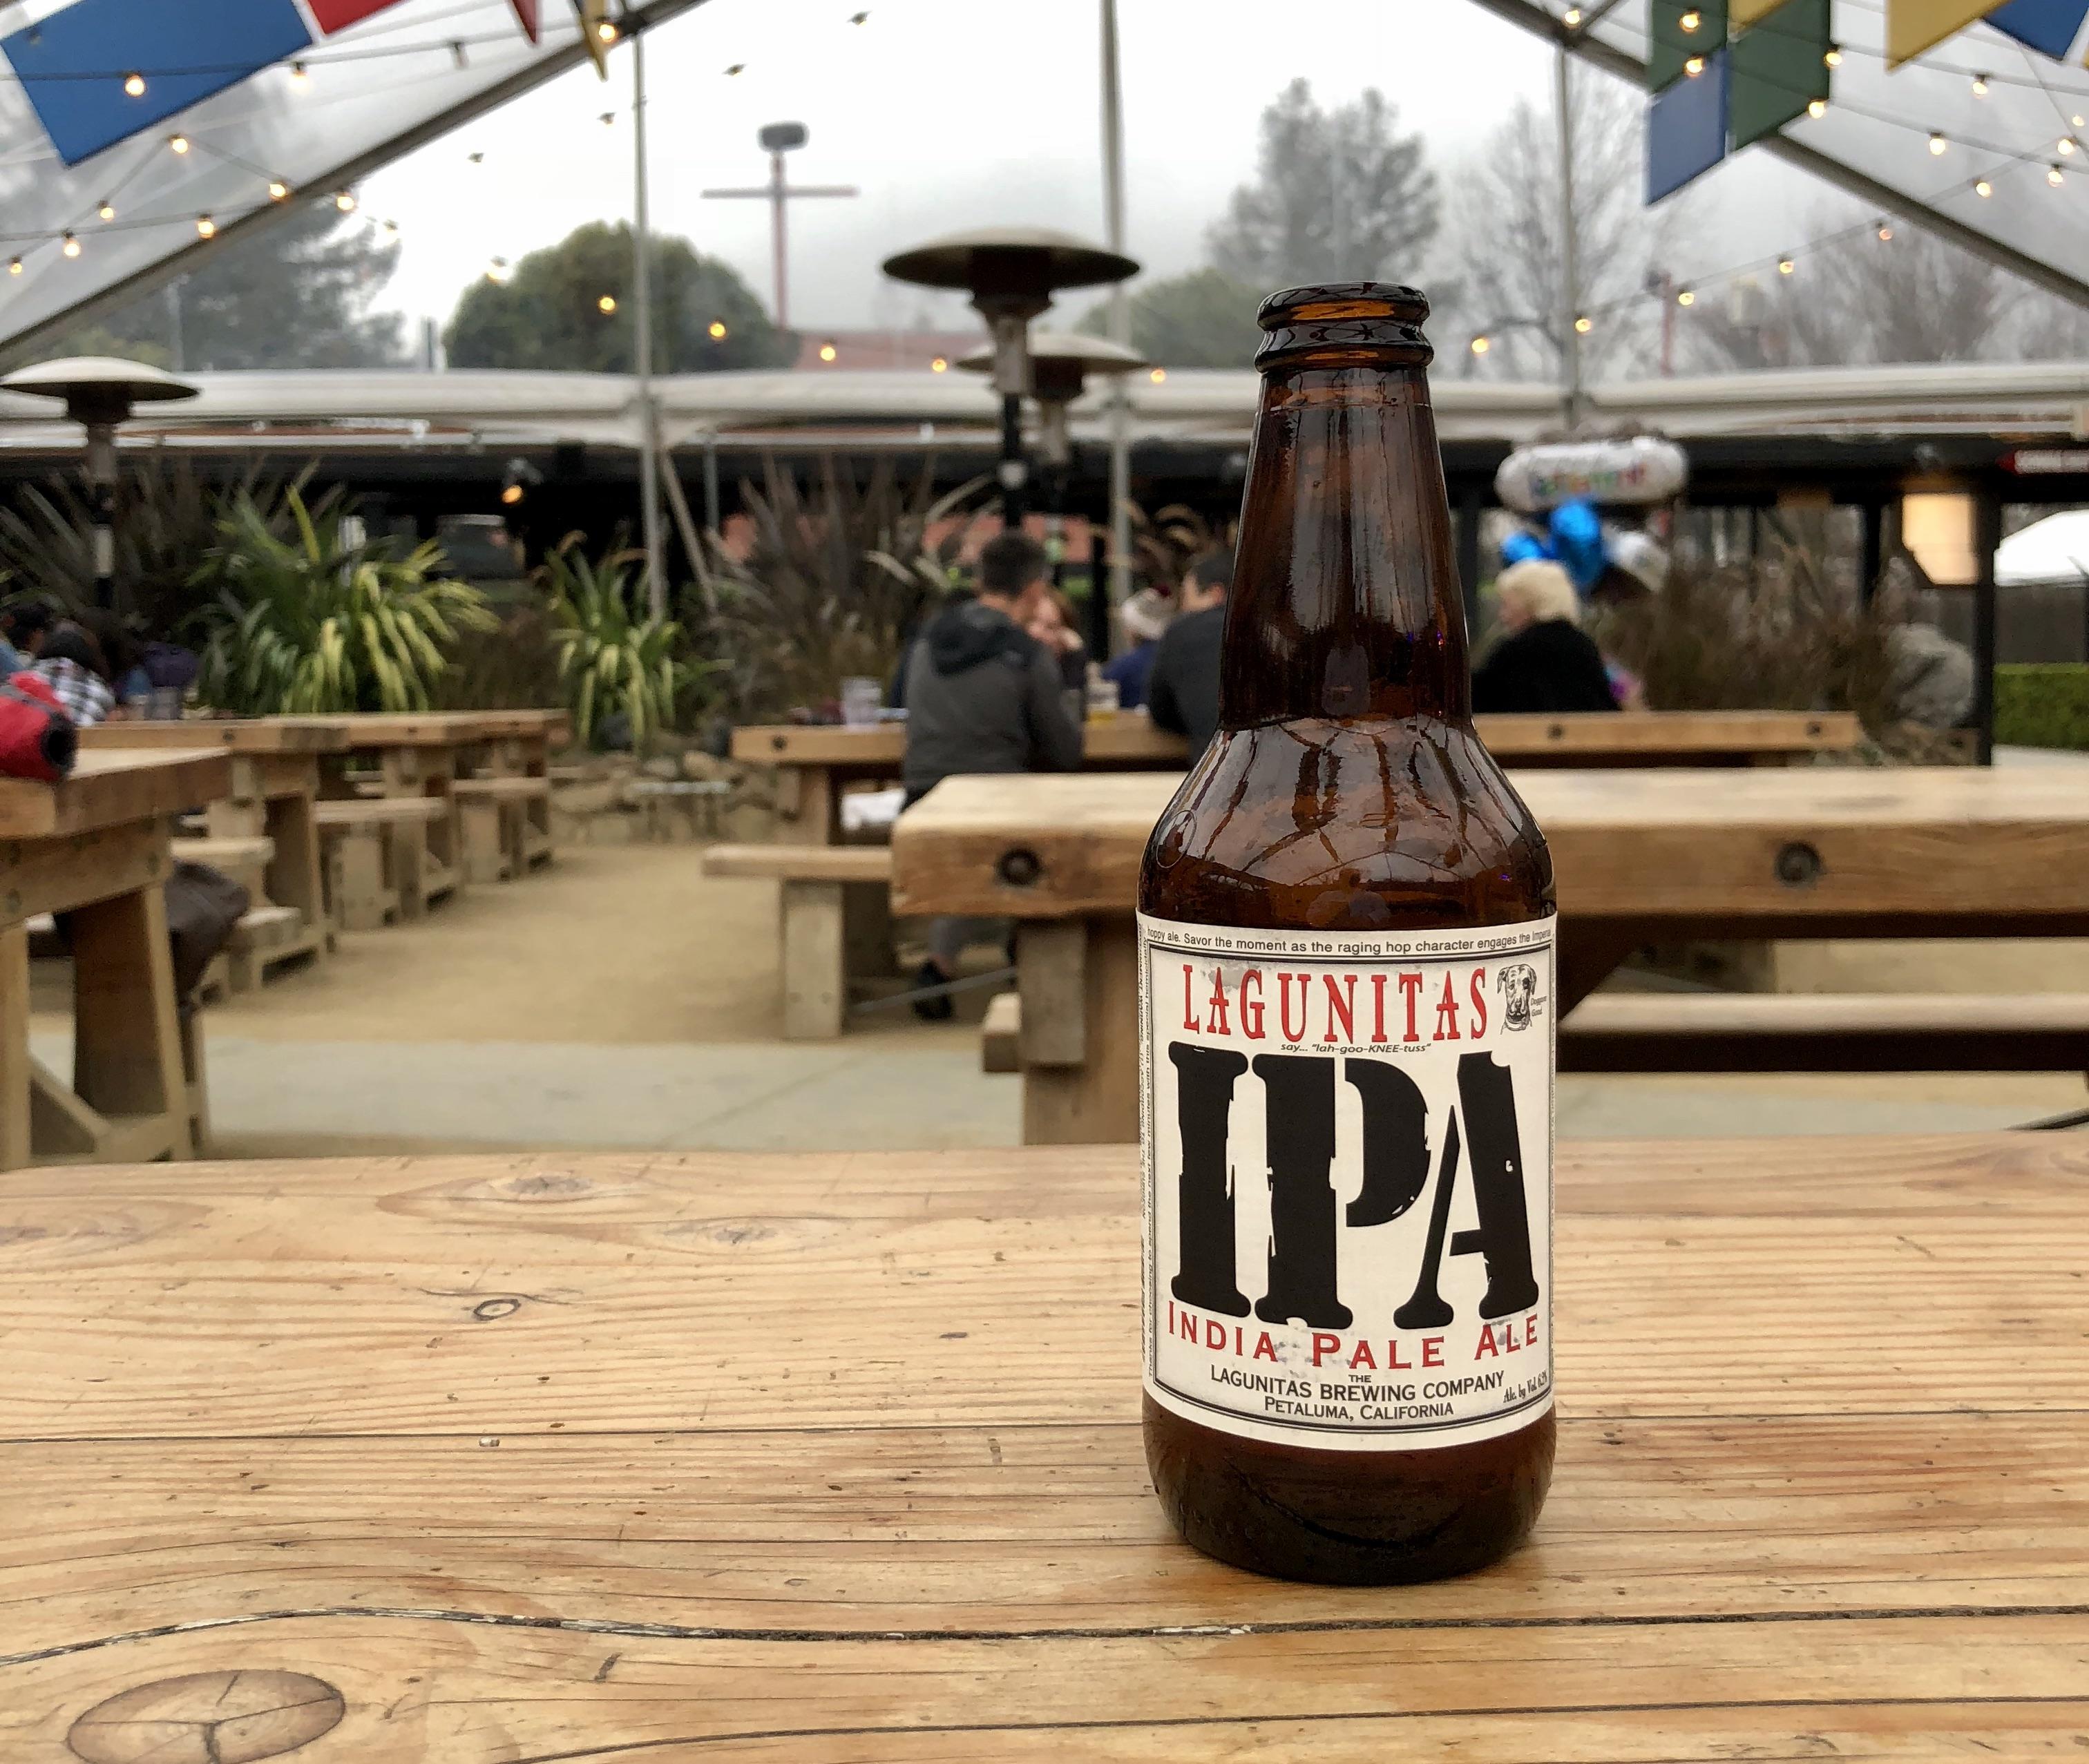 A Lagunitas IPA at the brewery in Petaluma, California.